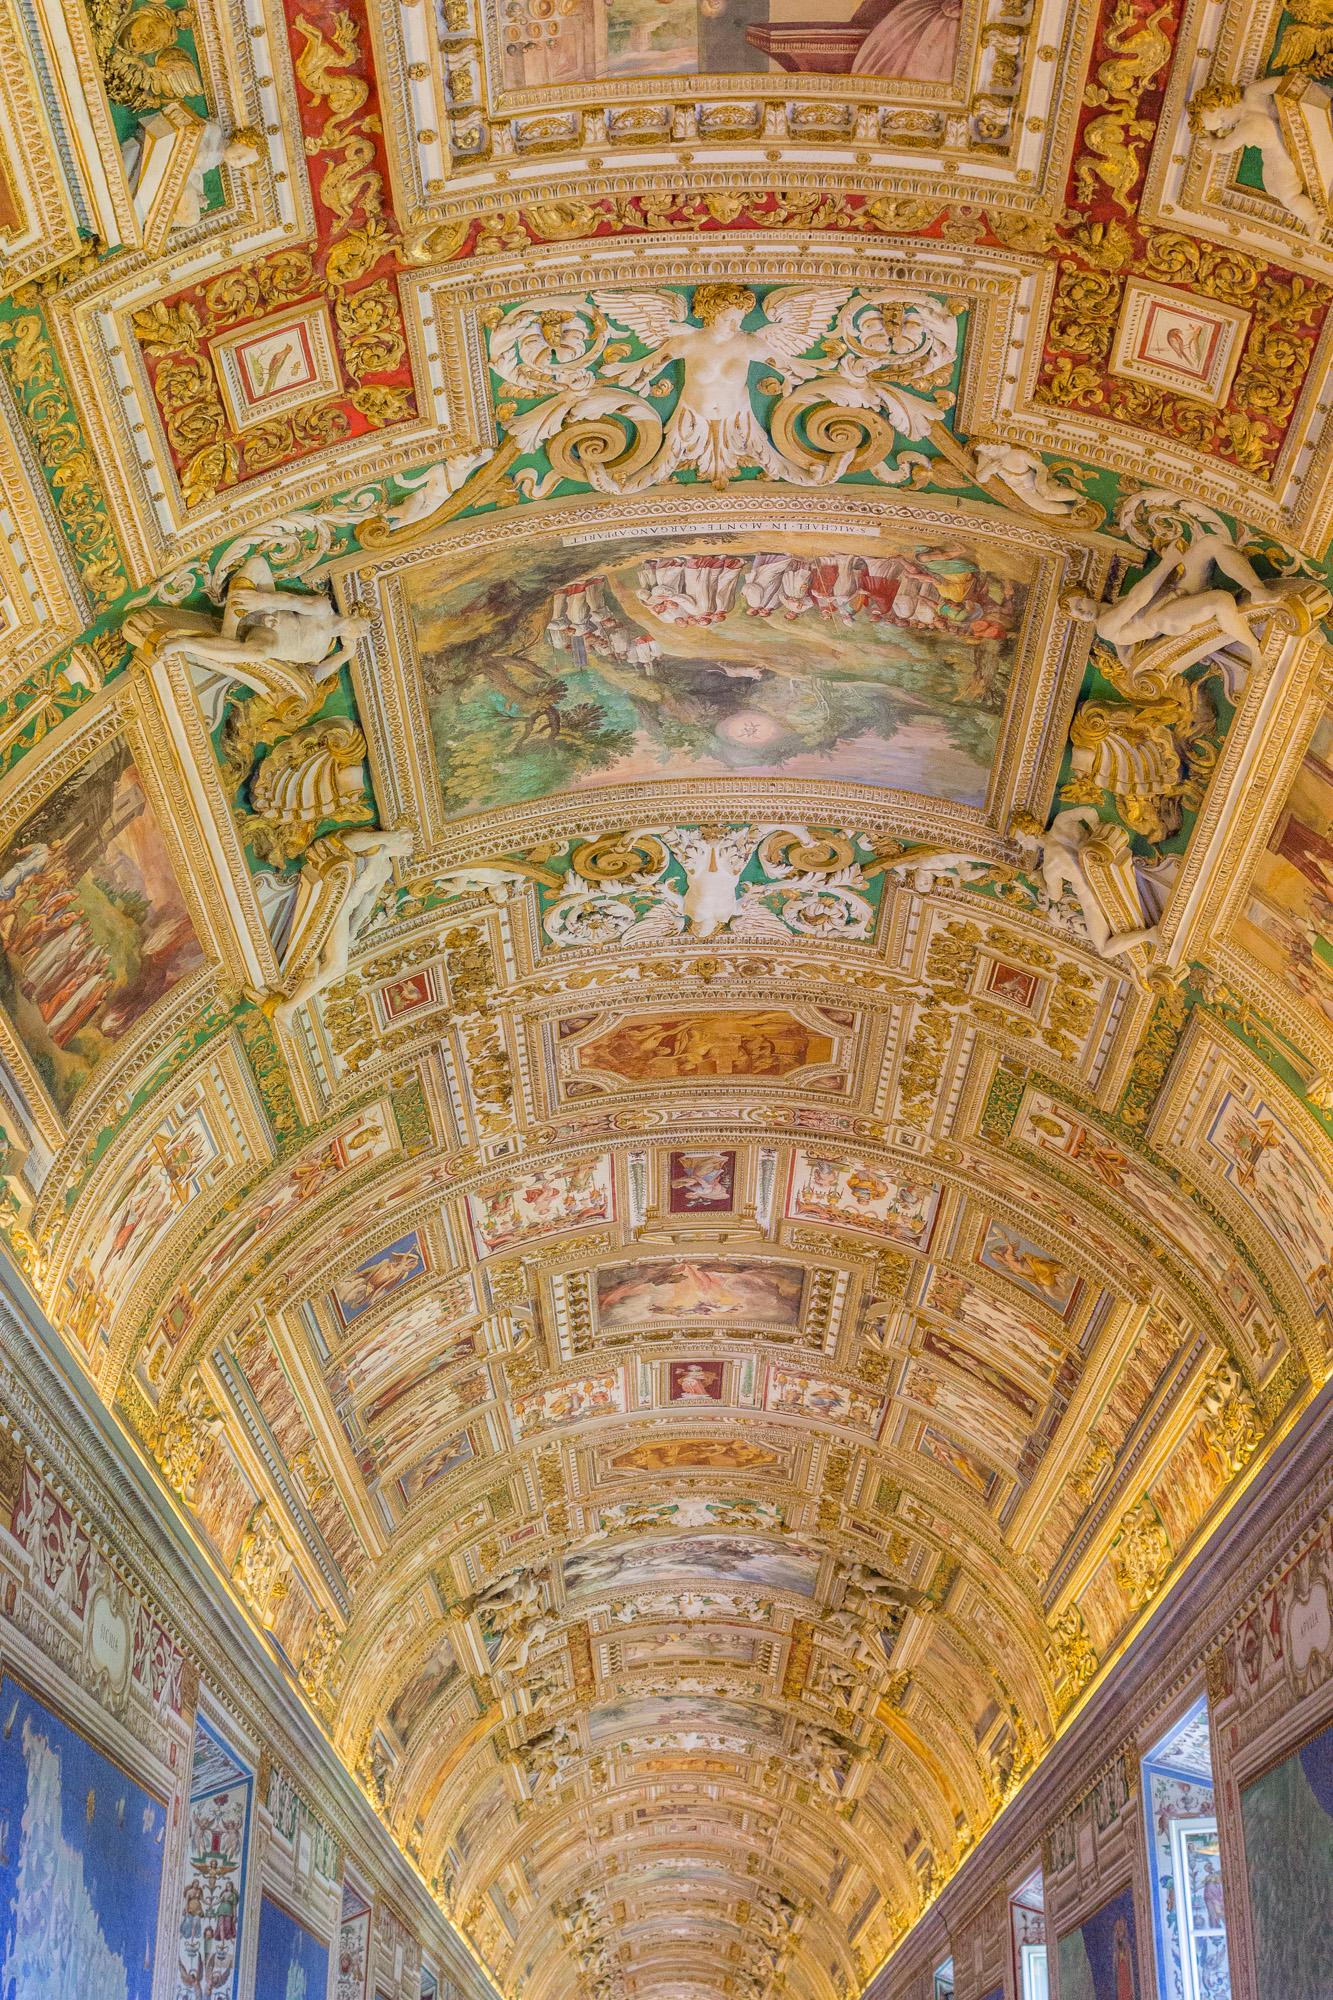 Voûte richement ornée et décorée de fresques d'une salle du musée du Vatican